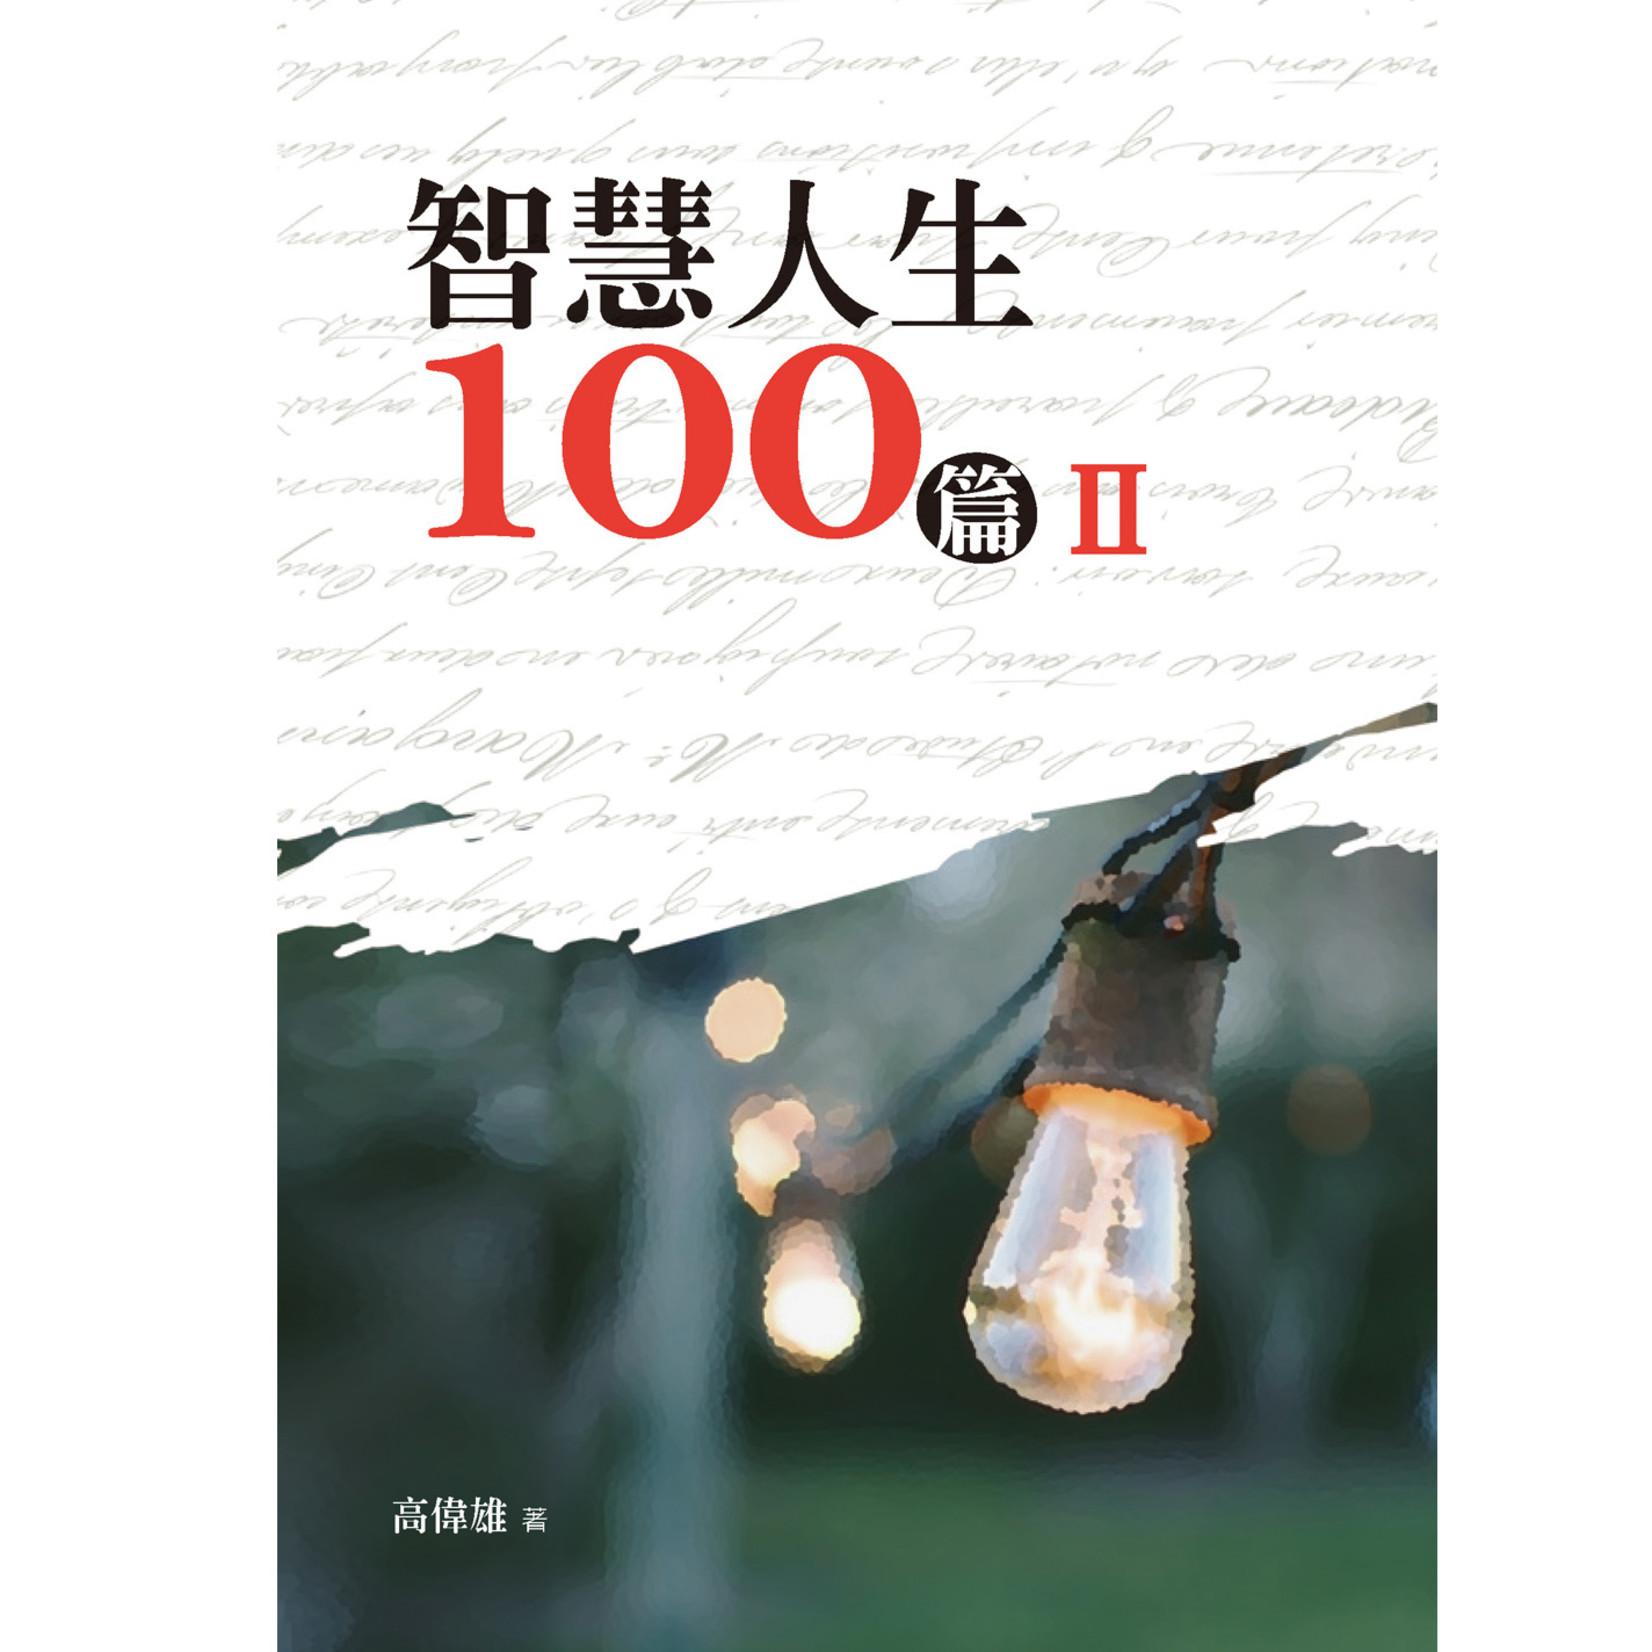 橄欖 Olive Press 智慧人生100篇(第二集)